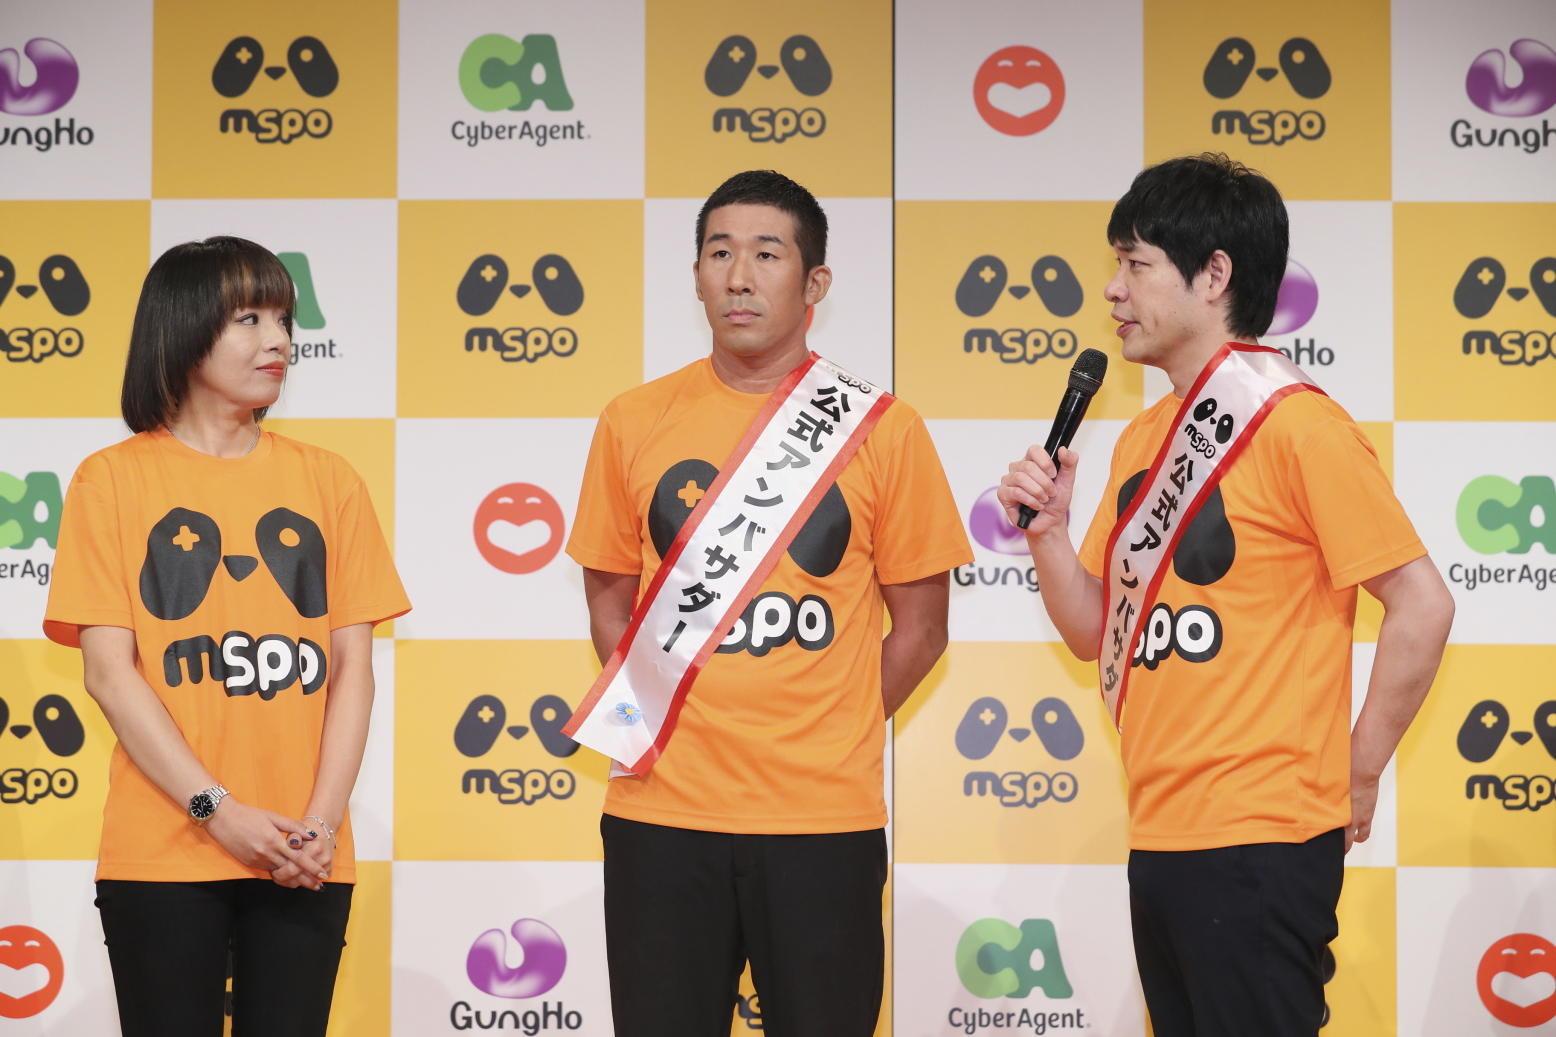 http://news.yoshimoto.co.jp/20180928162858-23106e85dbd3d14112f5967a2cf4da5a45c242d7.jpg